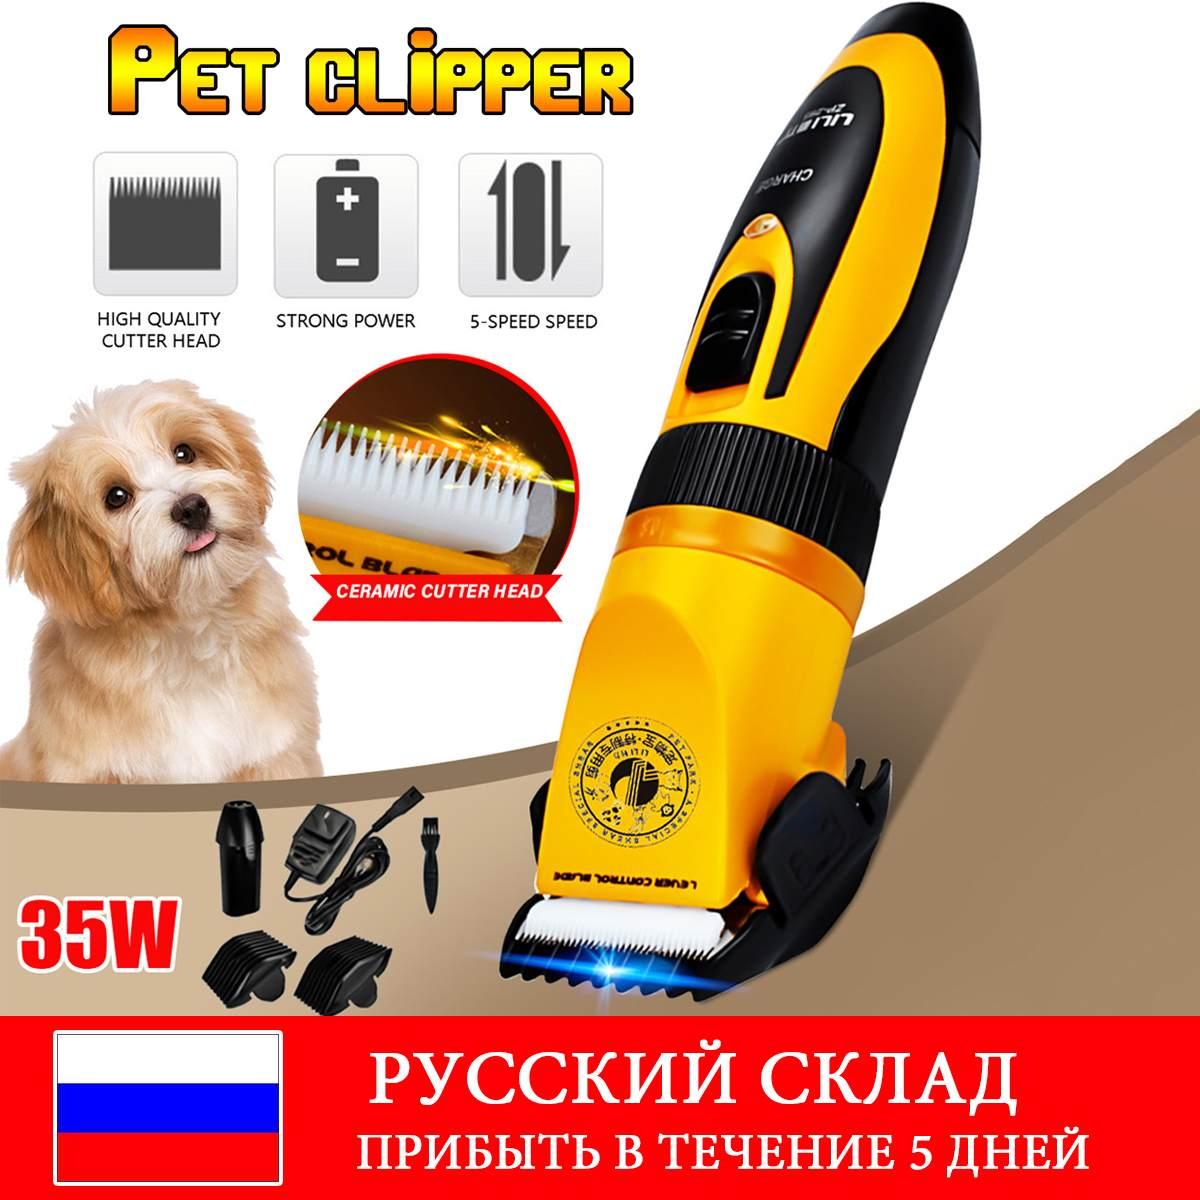 ماكينة قص شعر الحيوانات الأليفة ، مقص كهربائي احترافي قابل لإعادة الشحن ، للقطط والكلاب